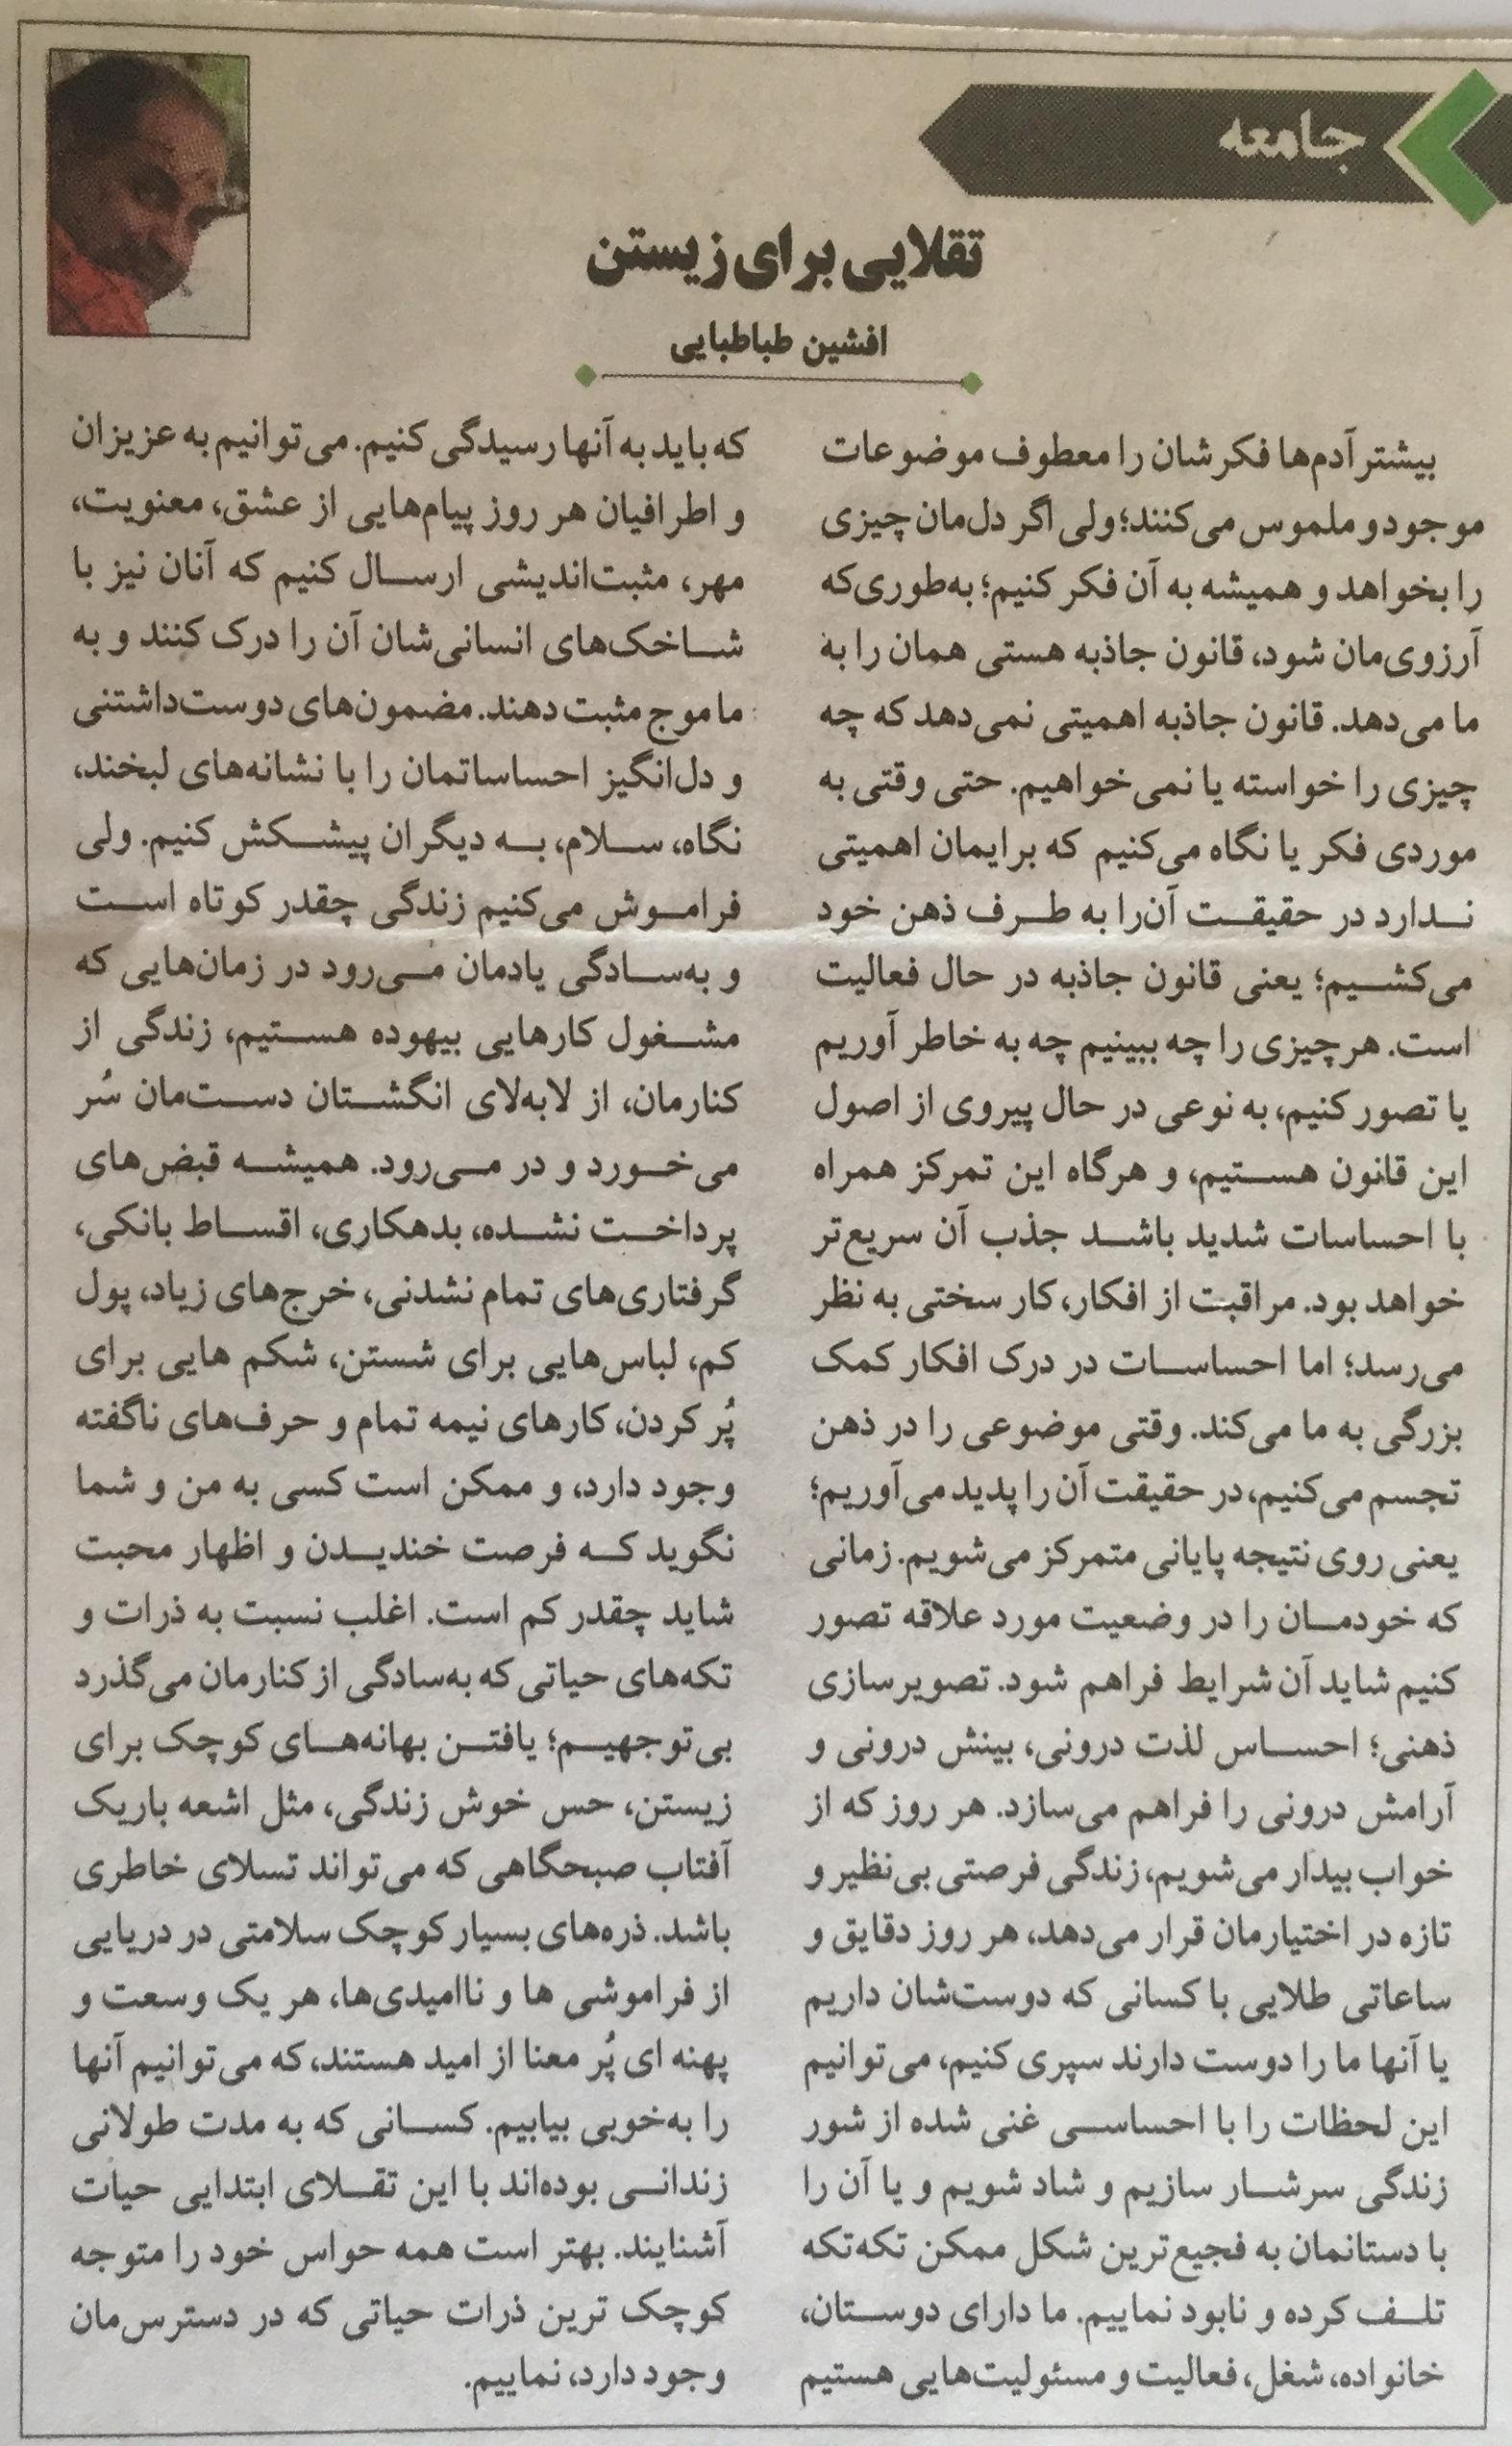 روزنامه: تقلایی برای زیستن - دکتر طباطبایی